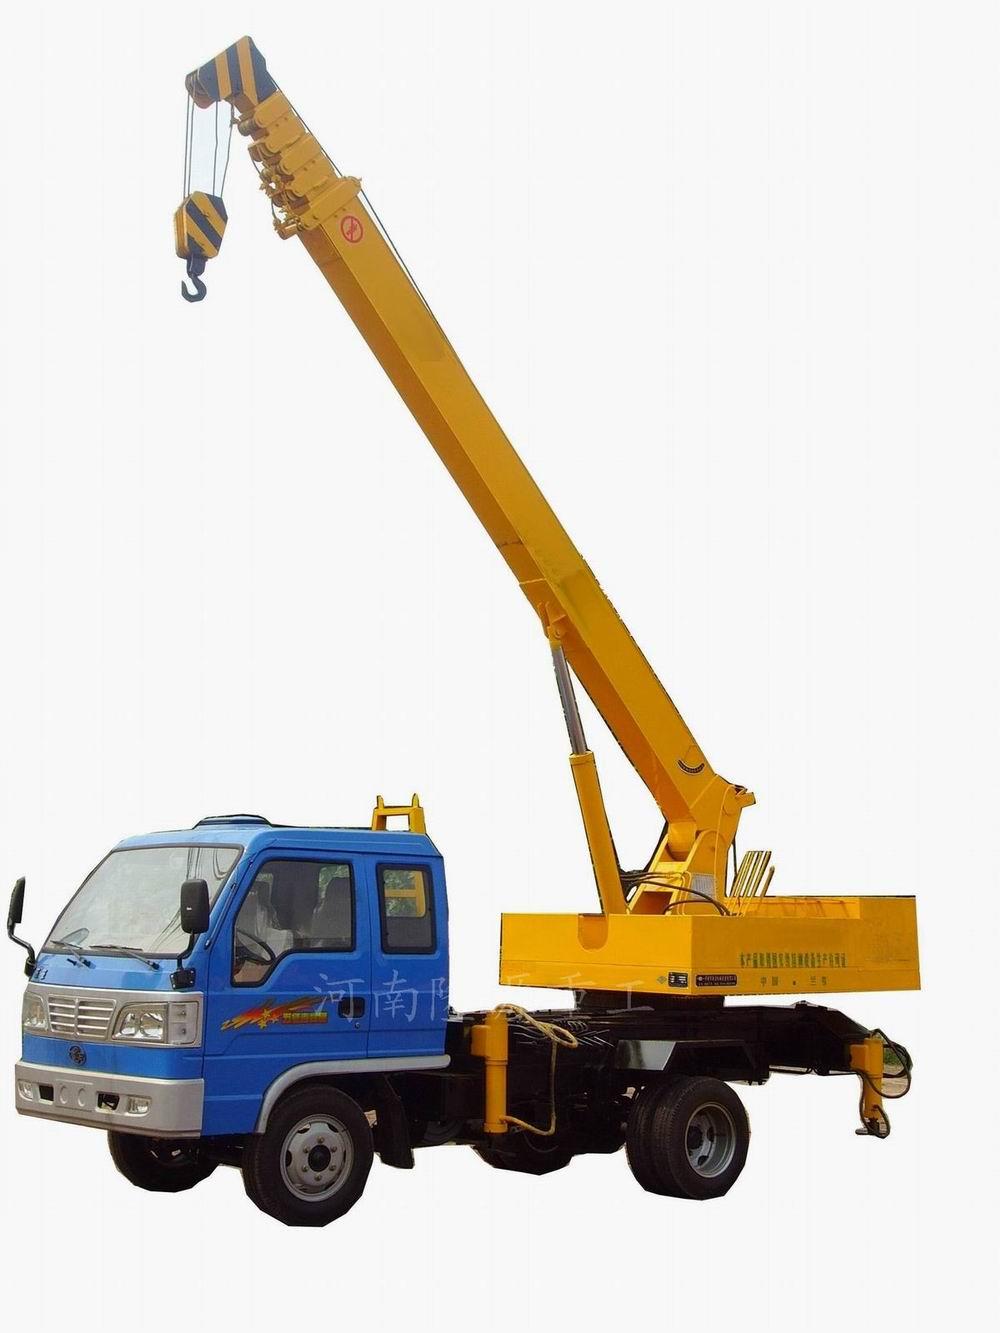 80吨吊车包月多少钱_五金商贸网